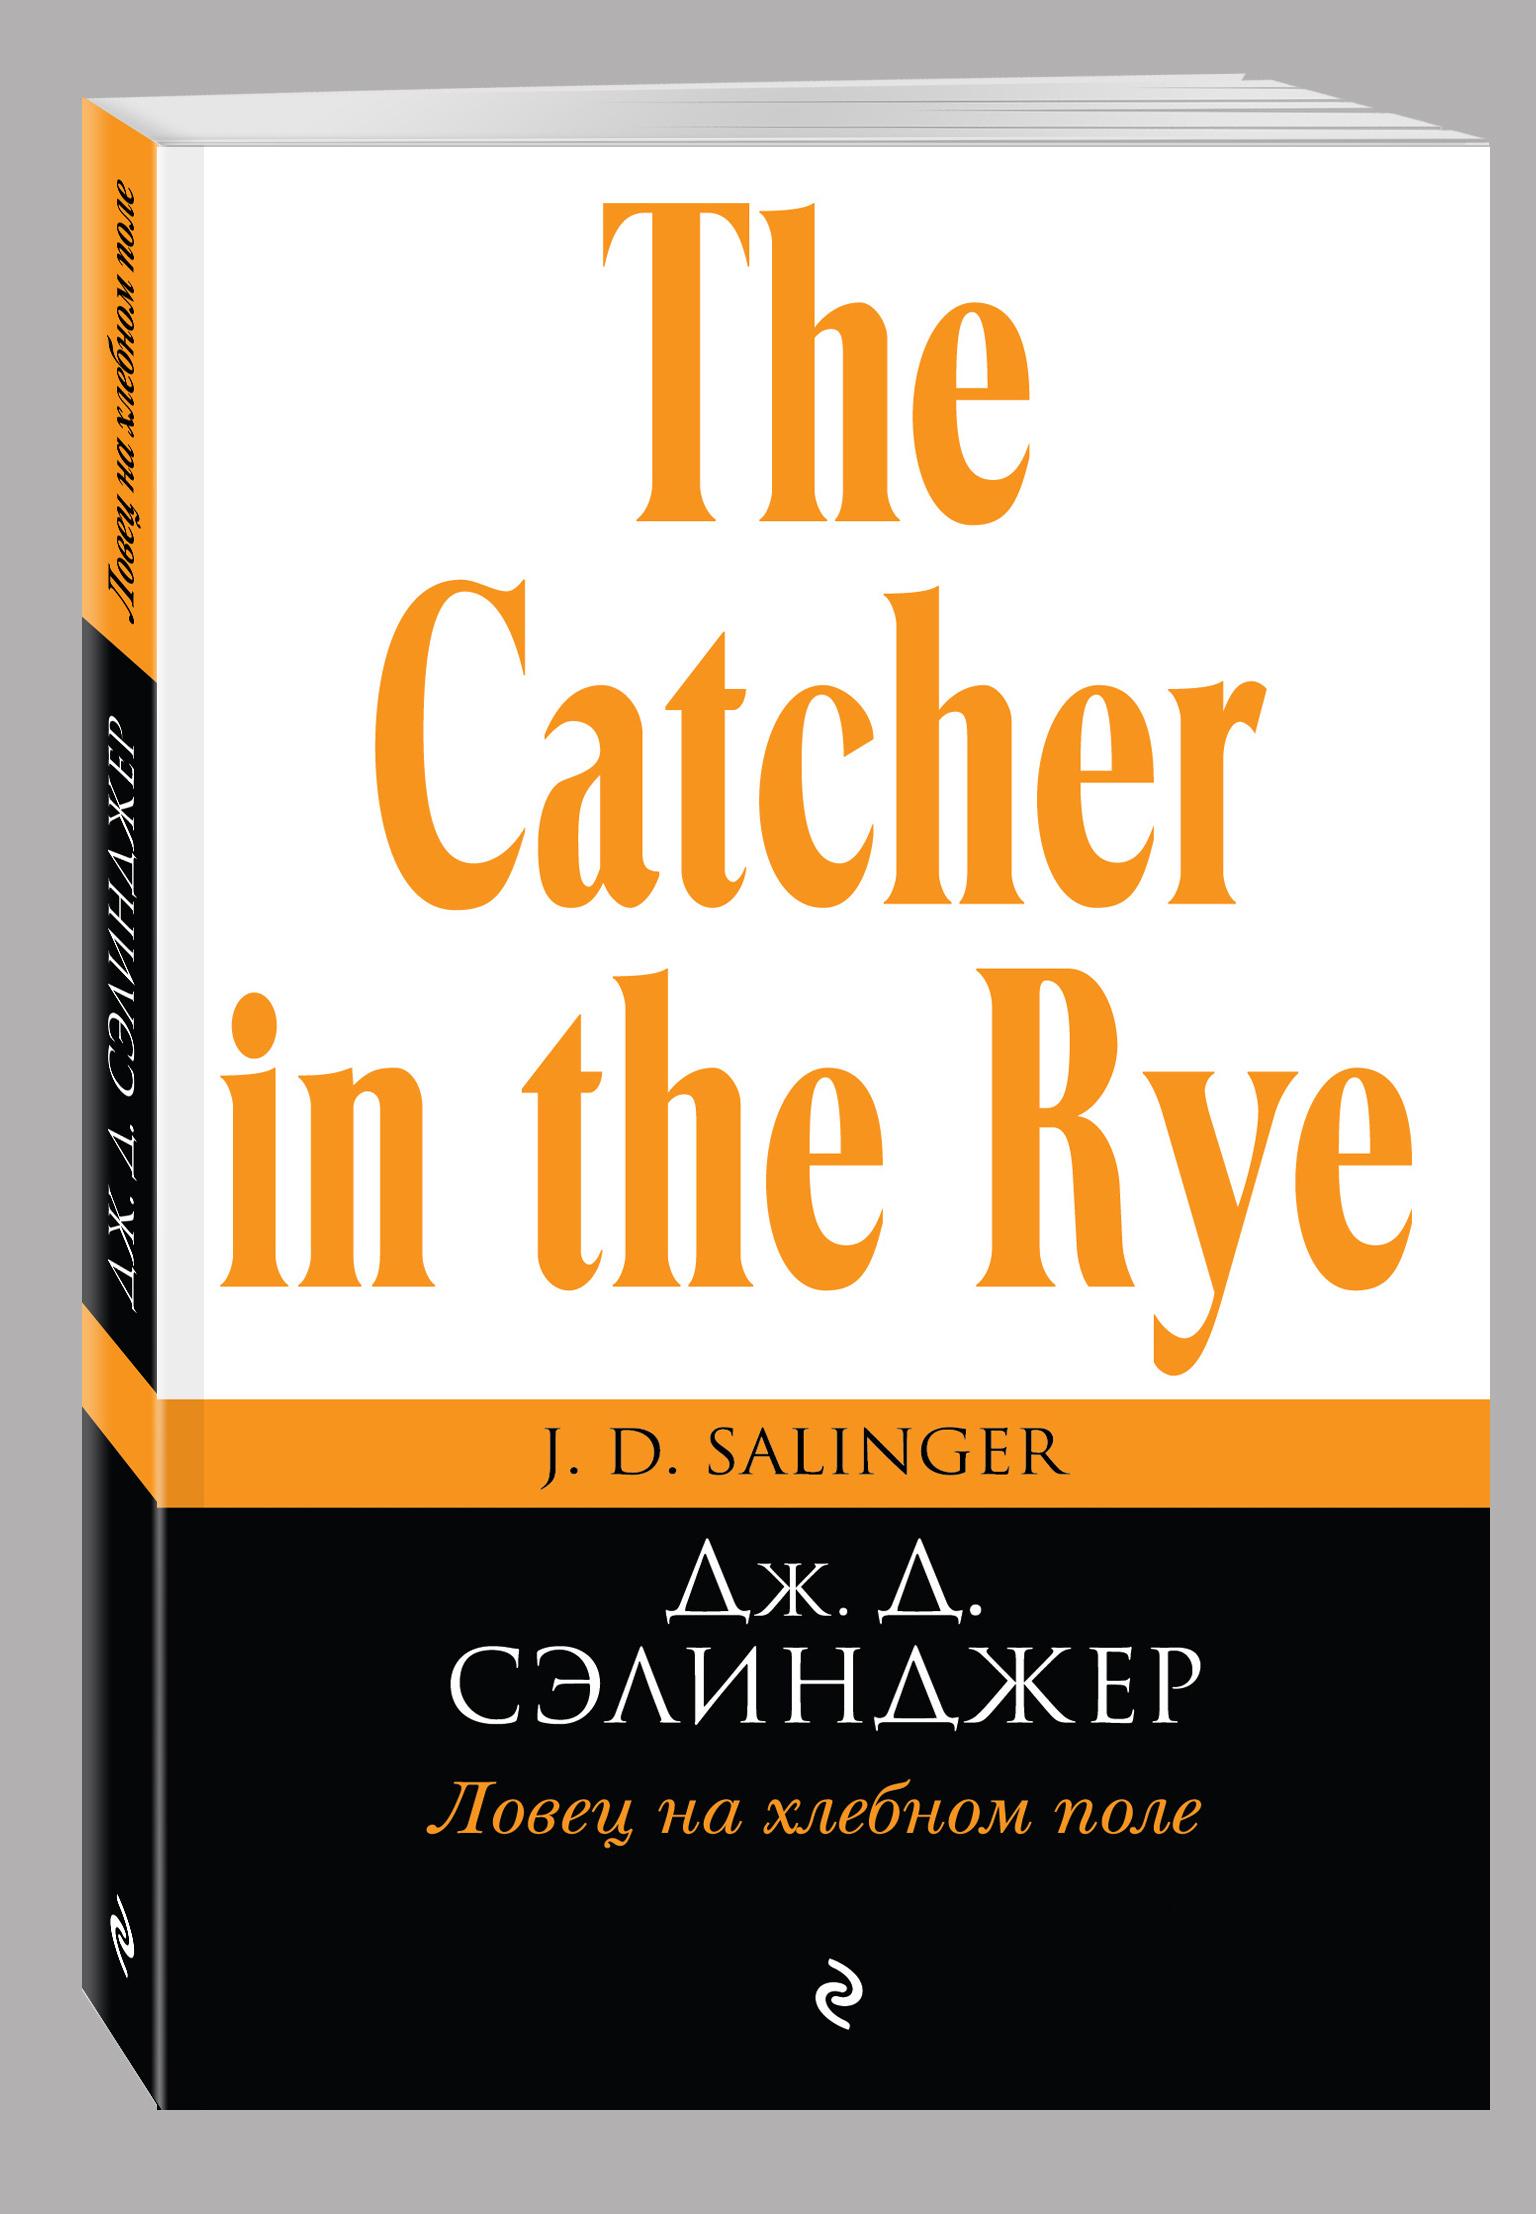 Сэлинджер Дж.Д. Ловец на хлебном поле the catcher in the rye